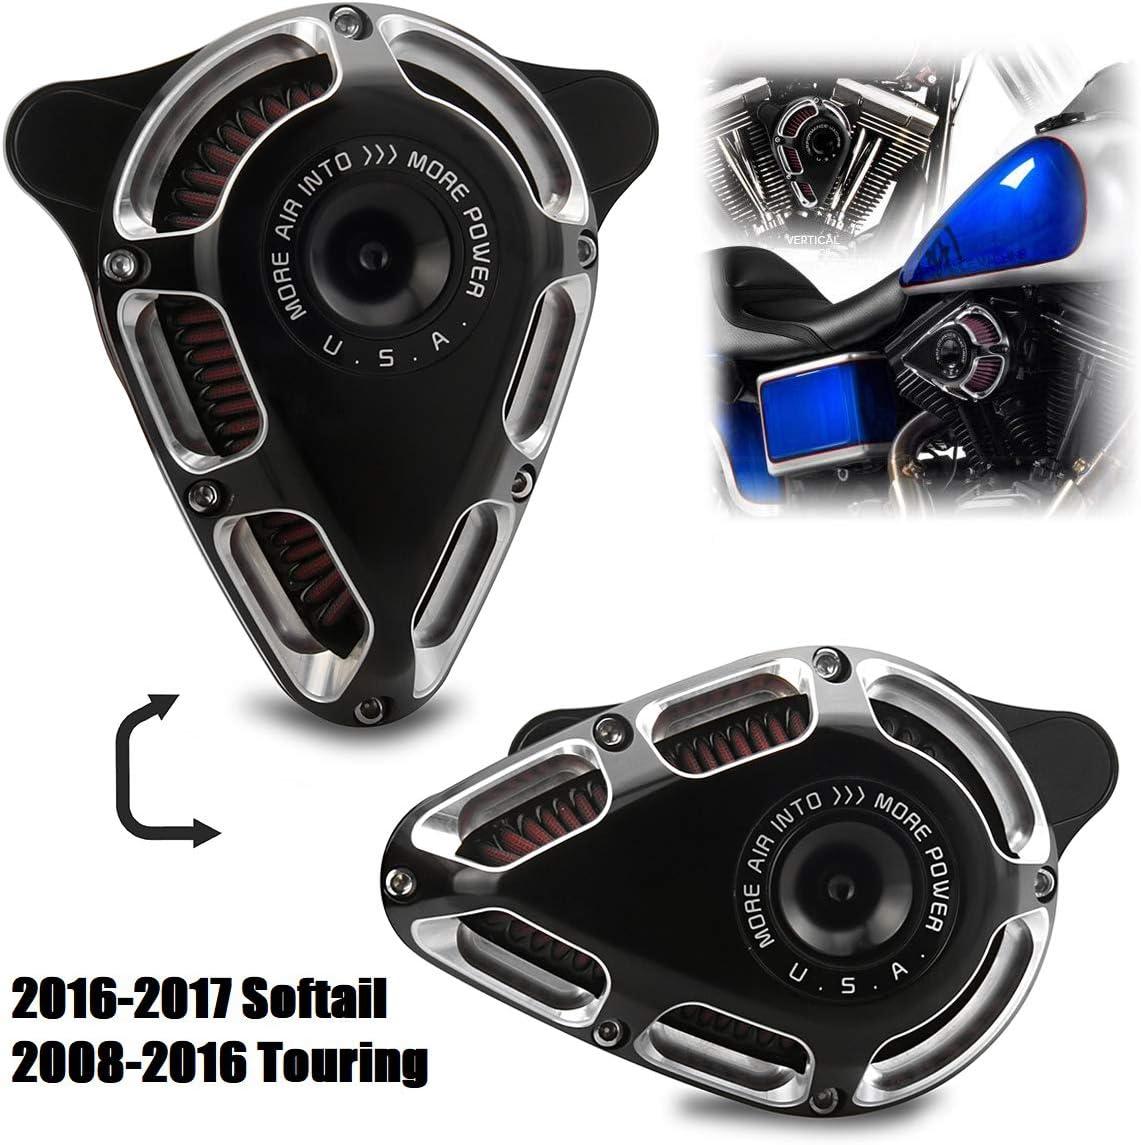 Kits dadmission de filtre /à air de moto noir et chrome pour Harley Touring Street Glide 2008-2016 Road Glide 08-16 Dyna FXDLS 17